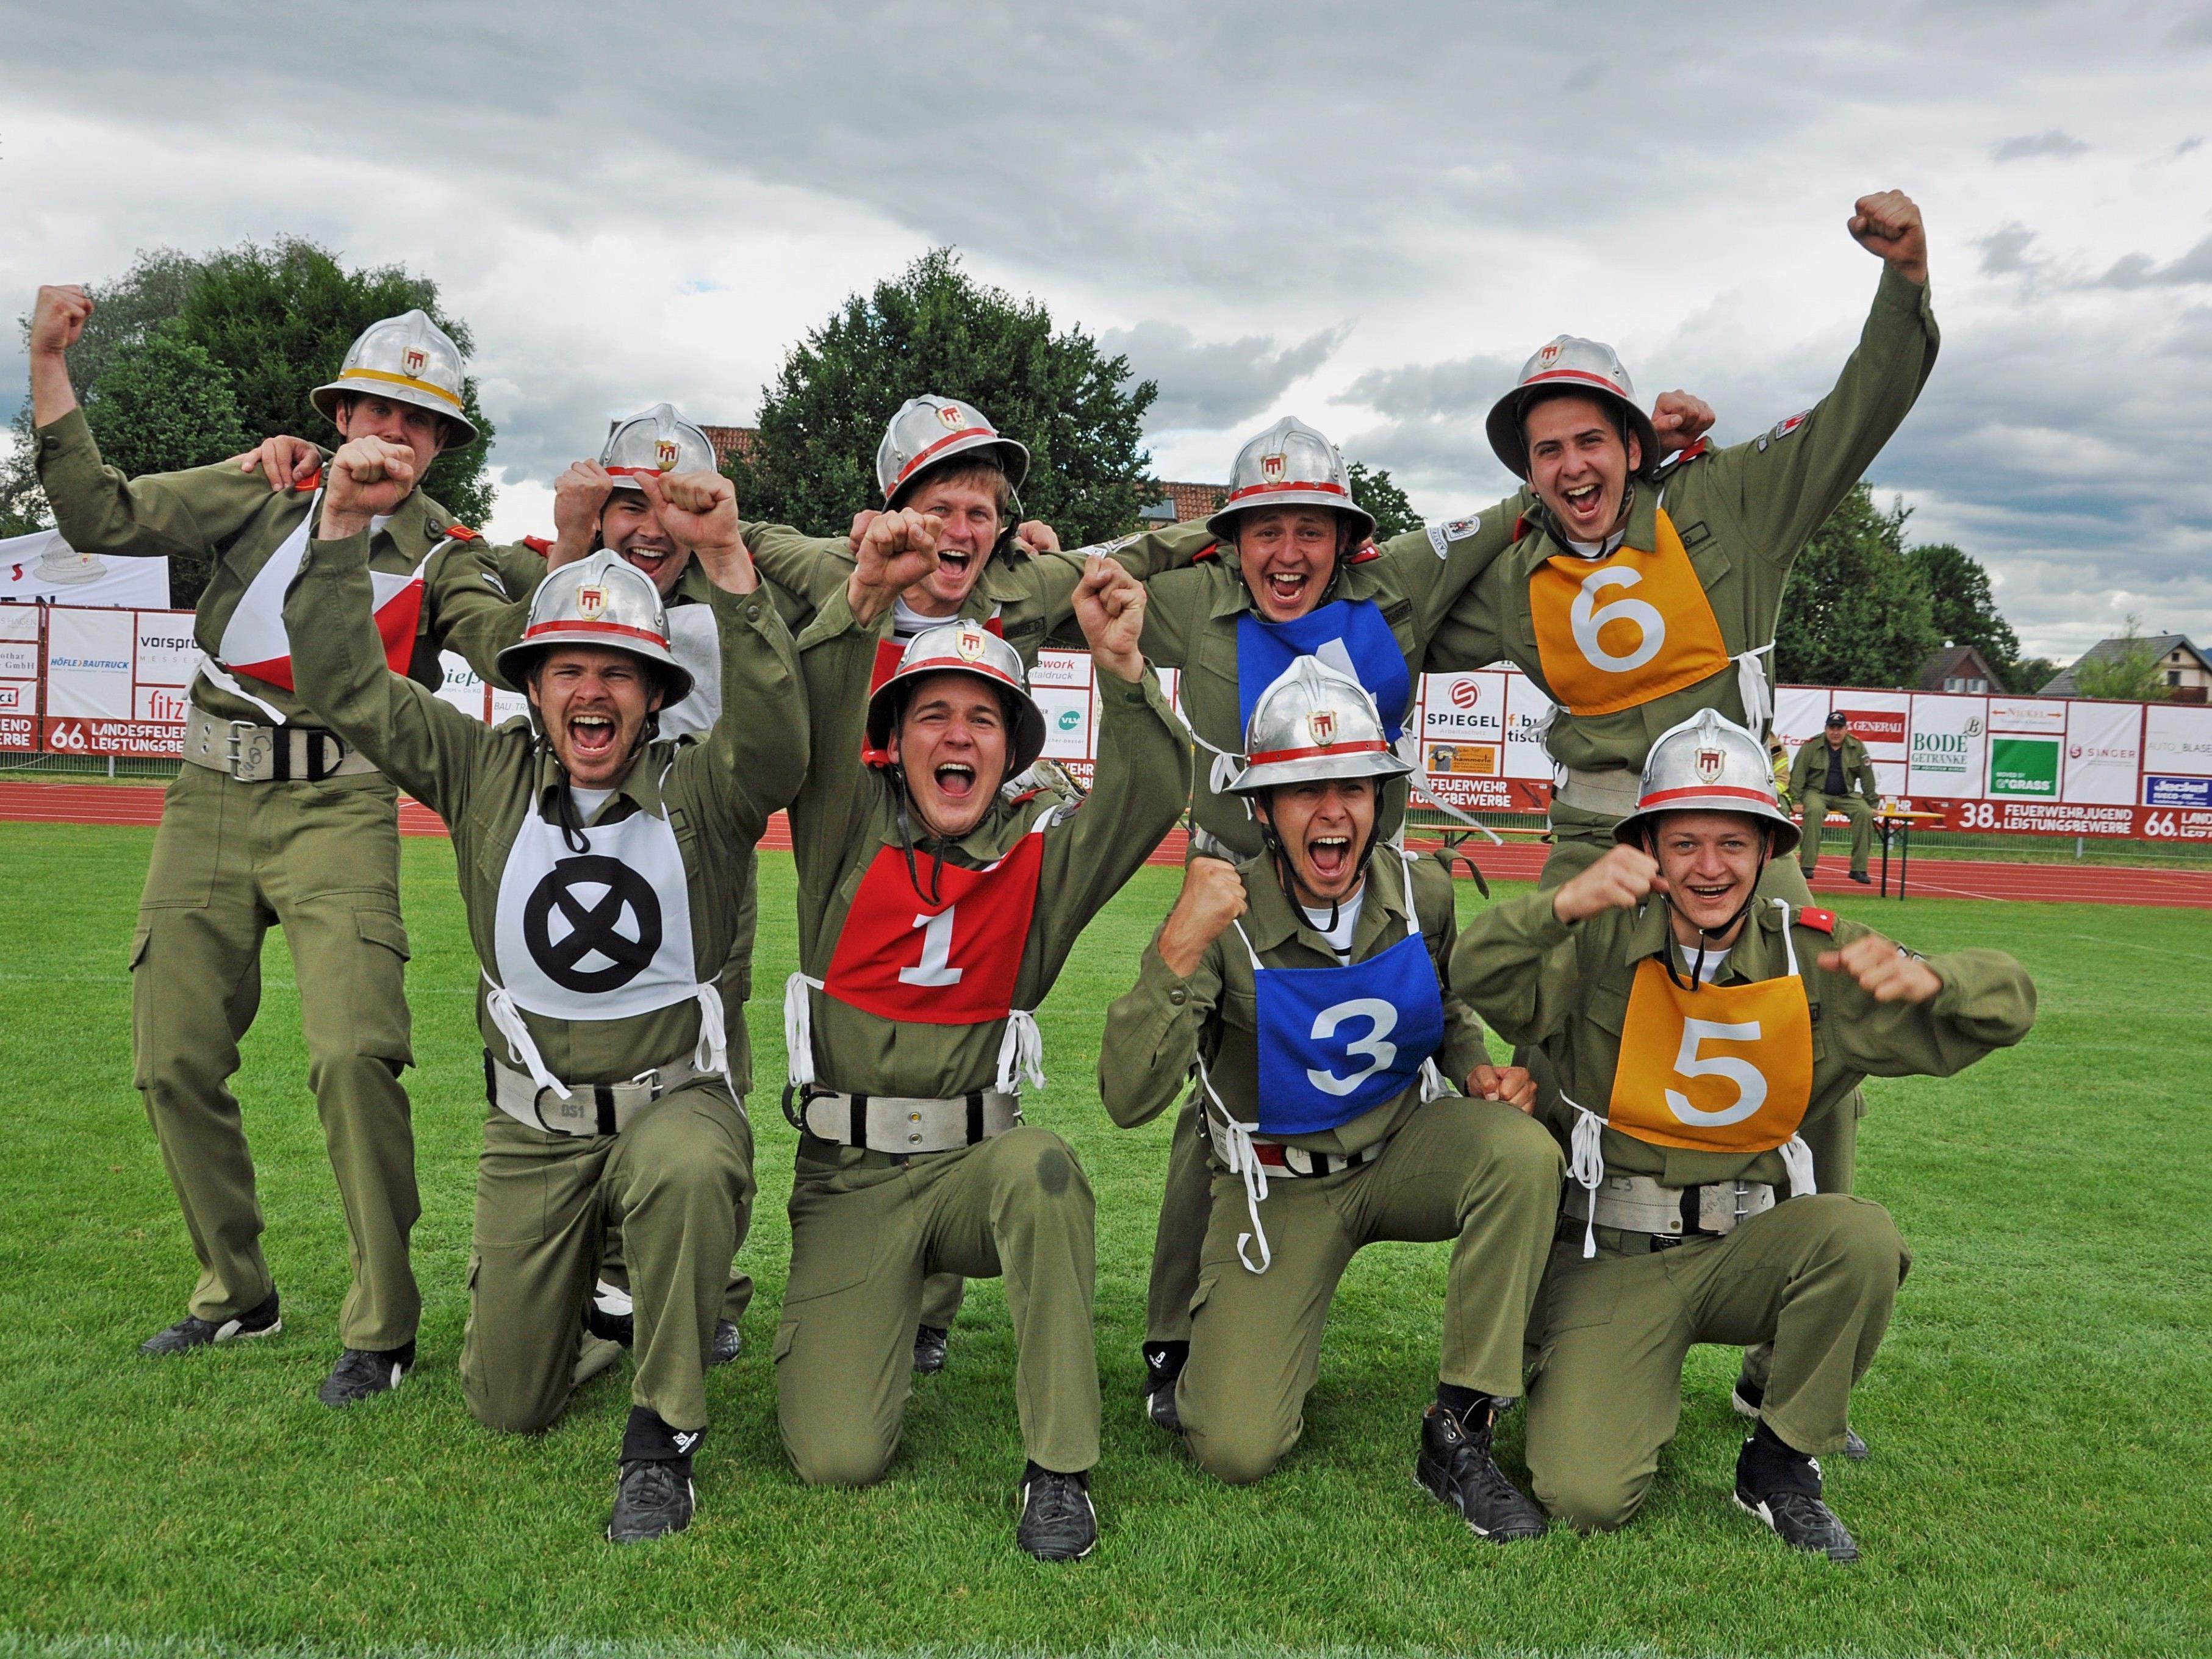 Die Feuerwehr Au jubelte über den elften goldenen Helm in ihrer Geschichte.